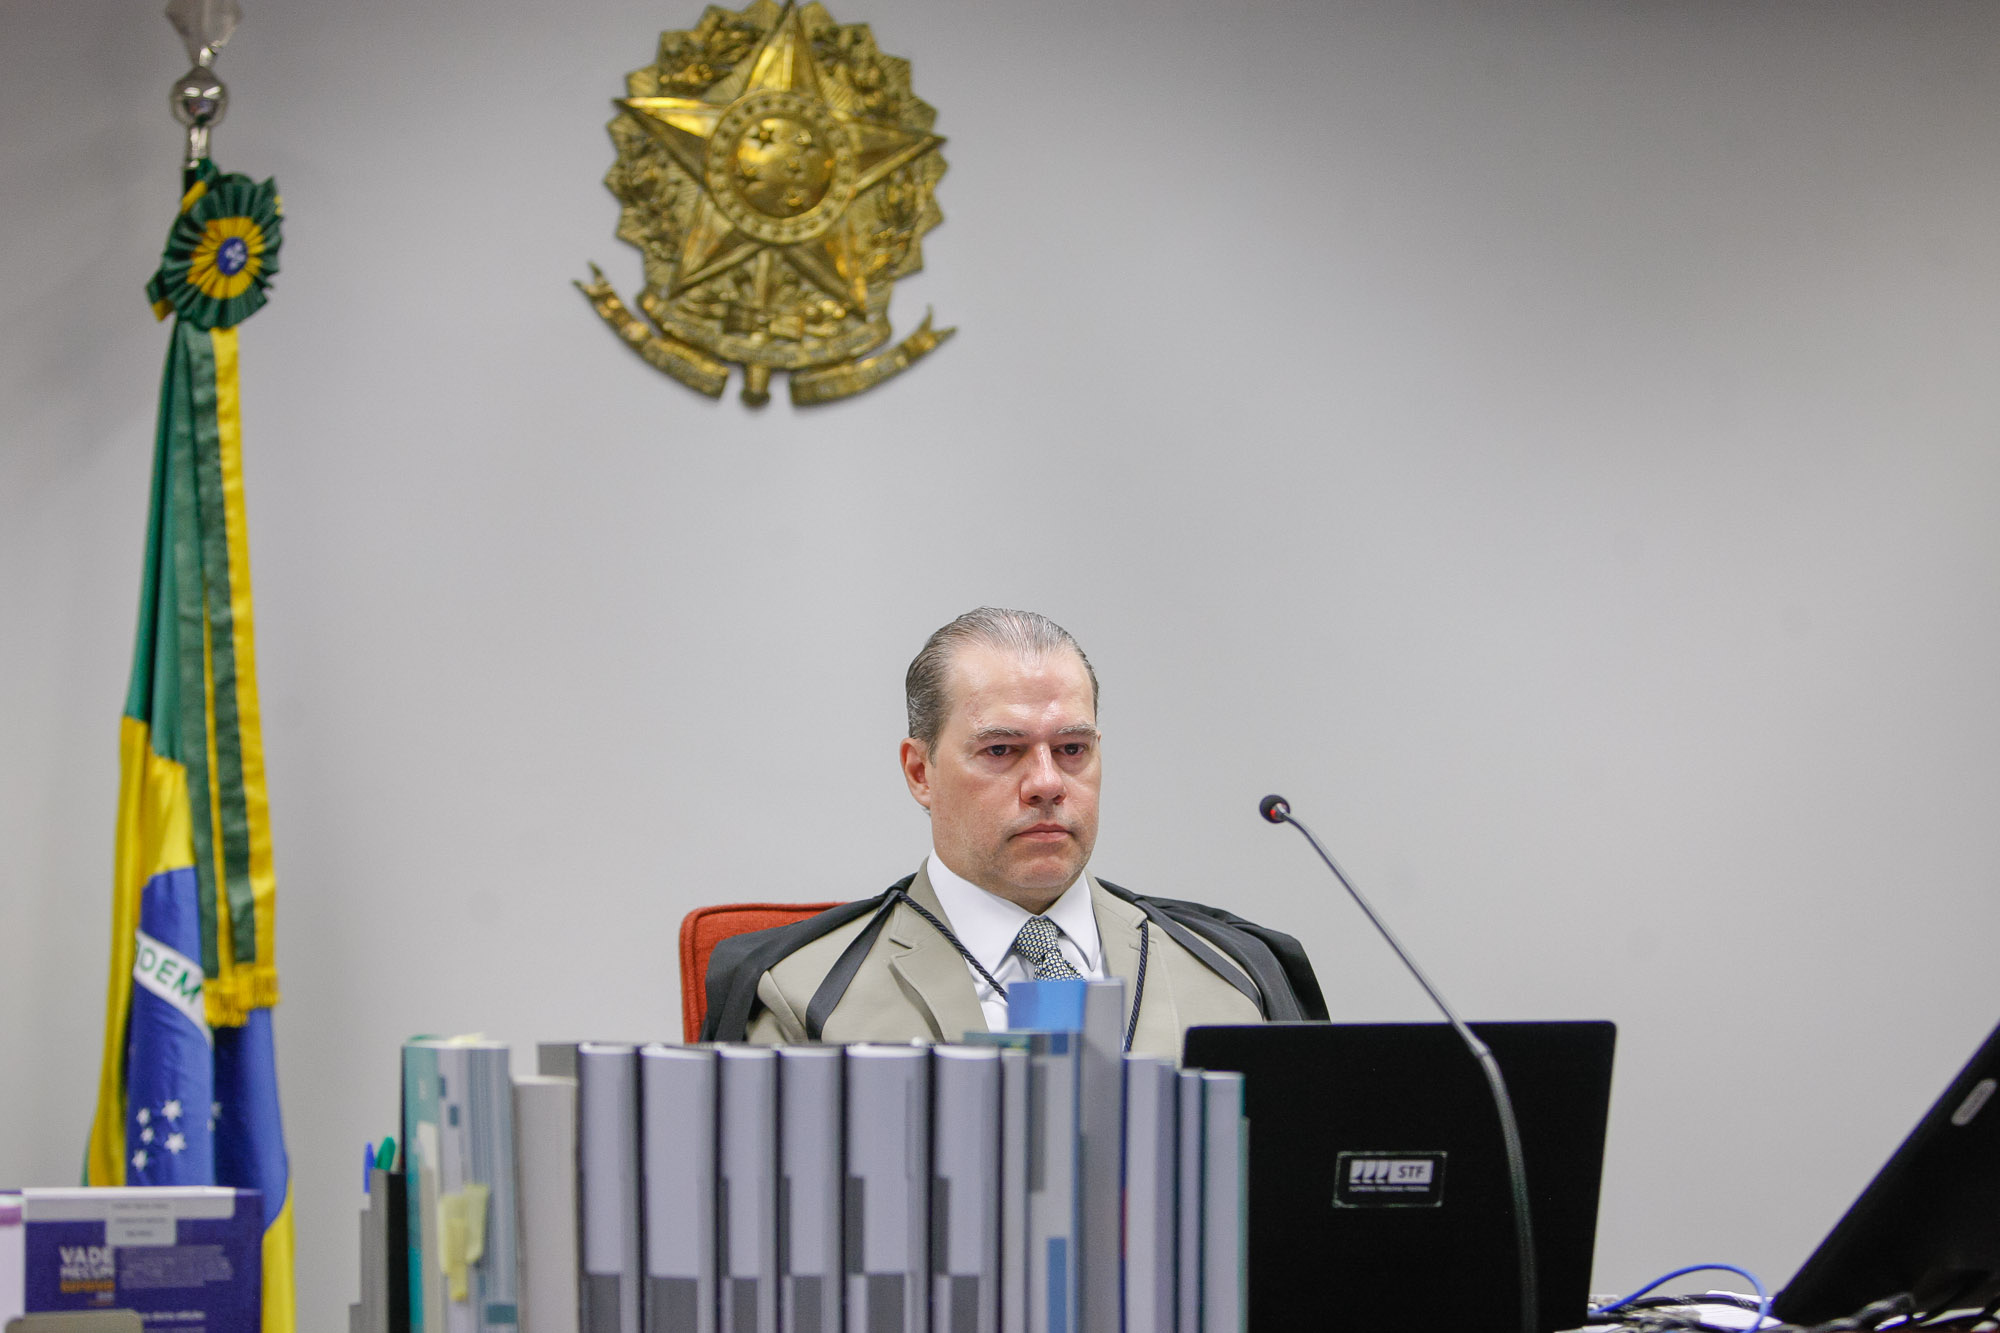 IMAGEM: Toffoli pede vista e julgamento sobre participação sindical em demissão em massa é suspenso